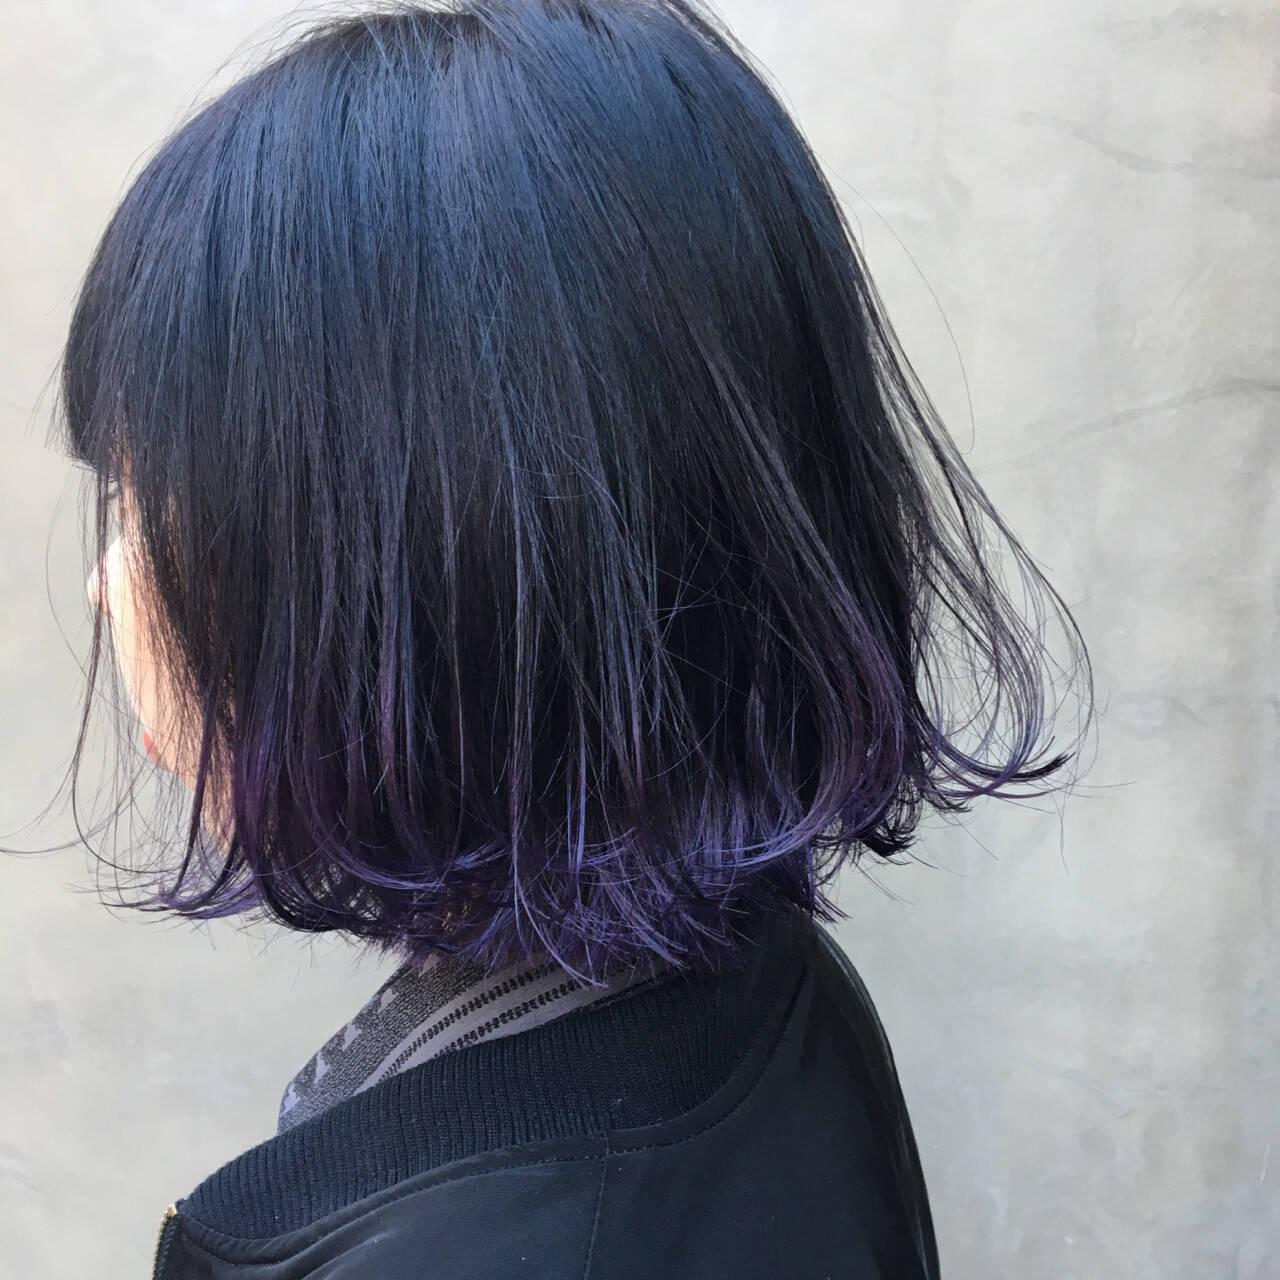 モード グラデーションカラー ボブ 暗髪ヘアスタイルや髪型の写真・画像